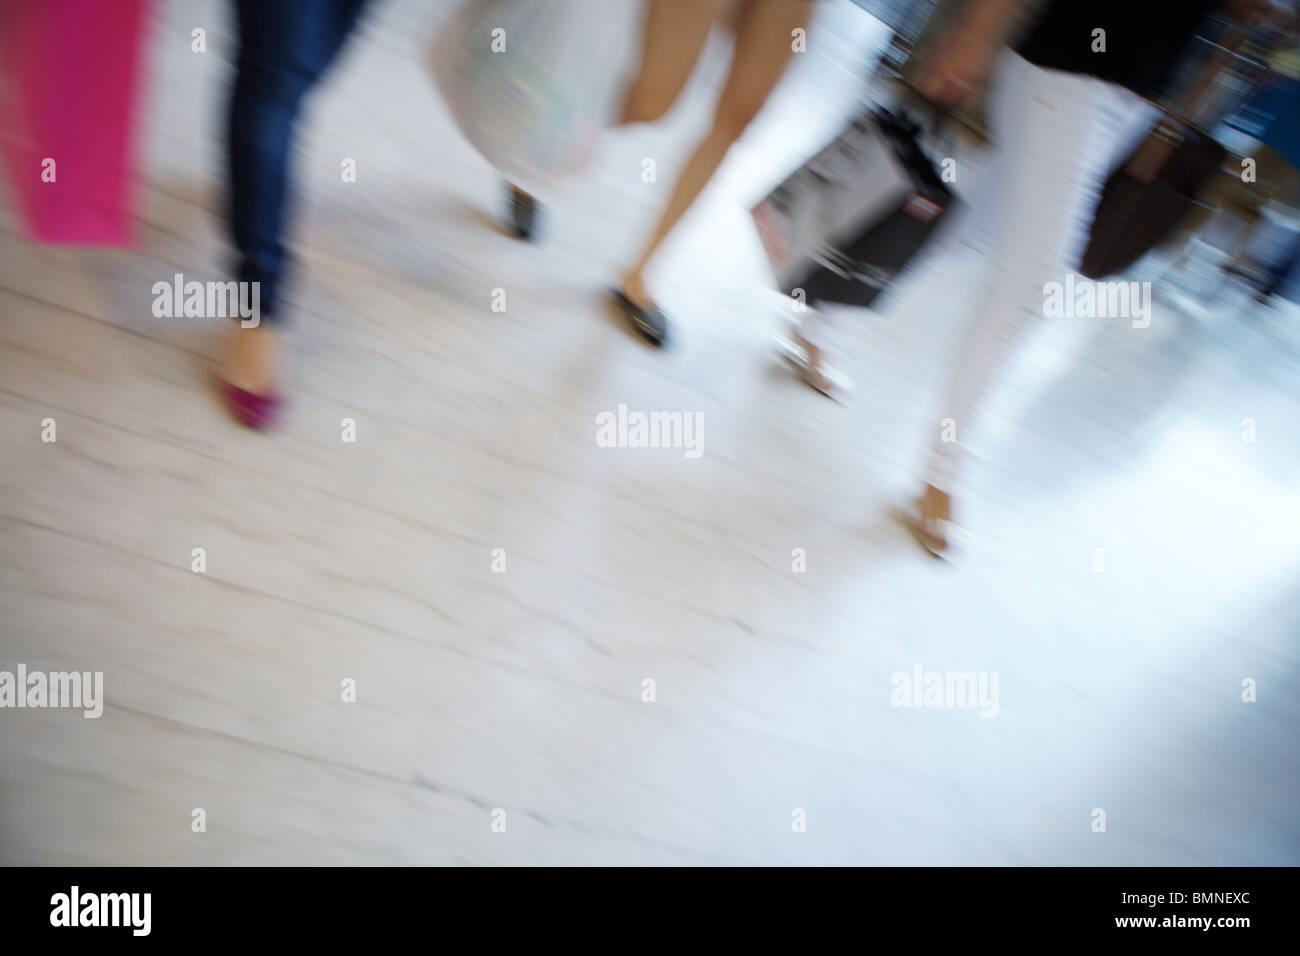 Quelques personnes shopping flou scène de rue à Rome Italie Europe 'Jambes' 'Human Foot' Photo Stock